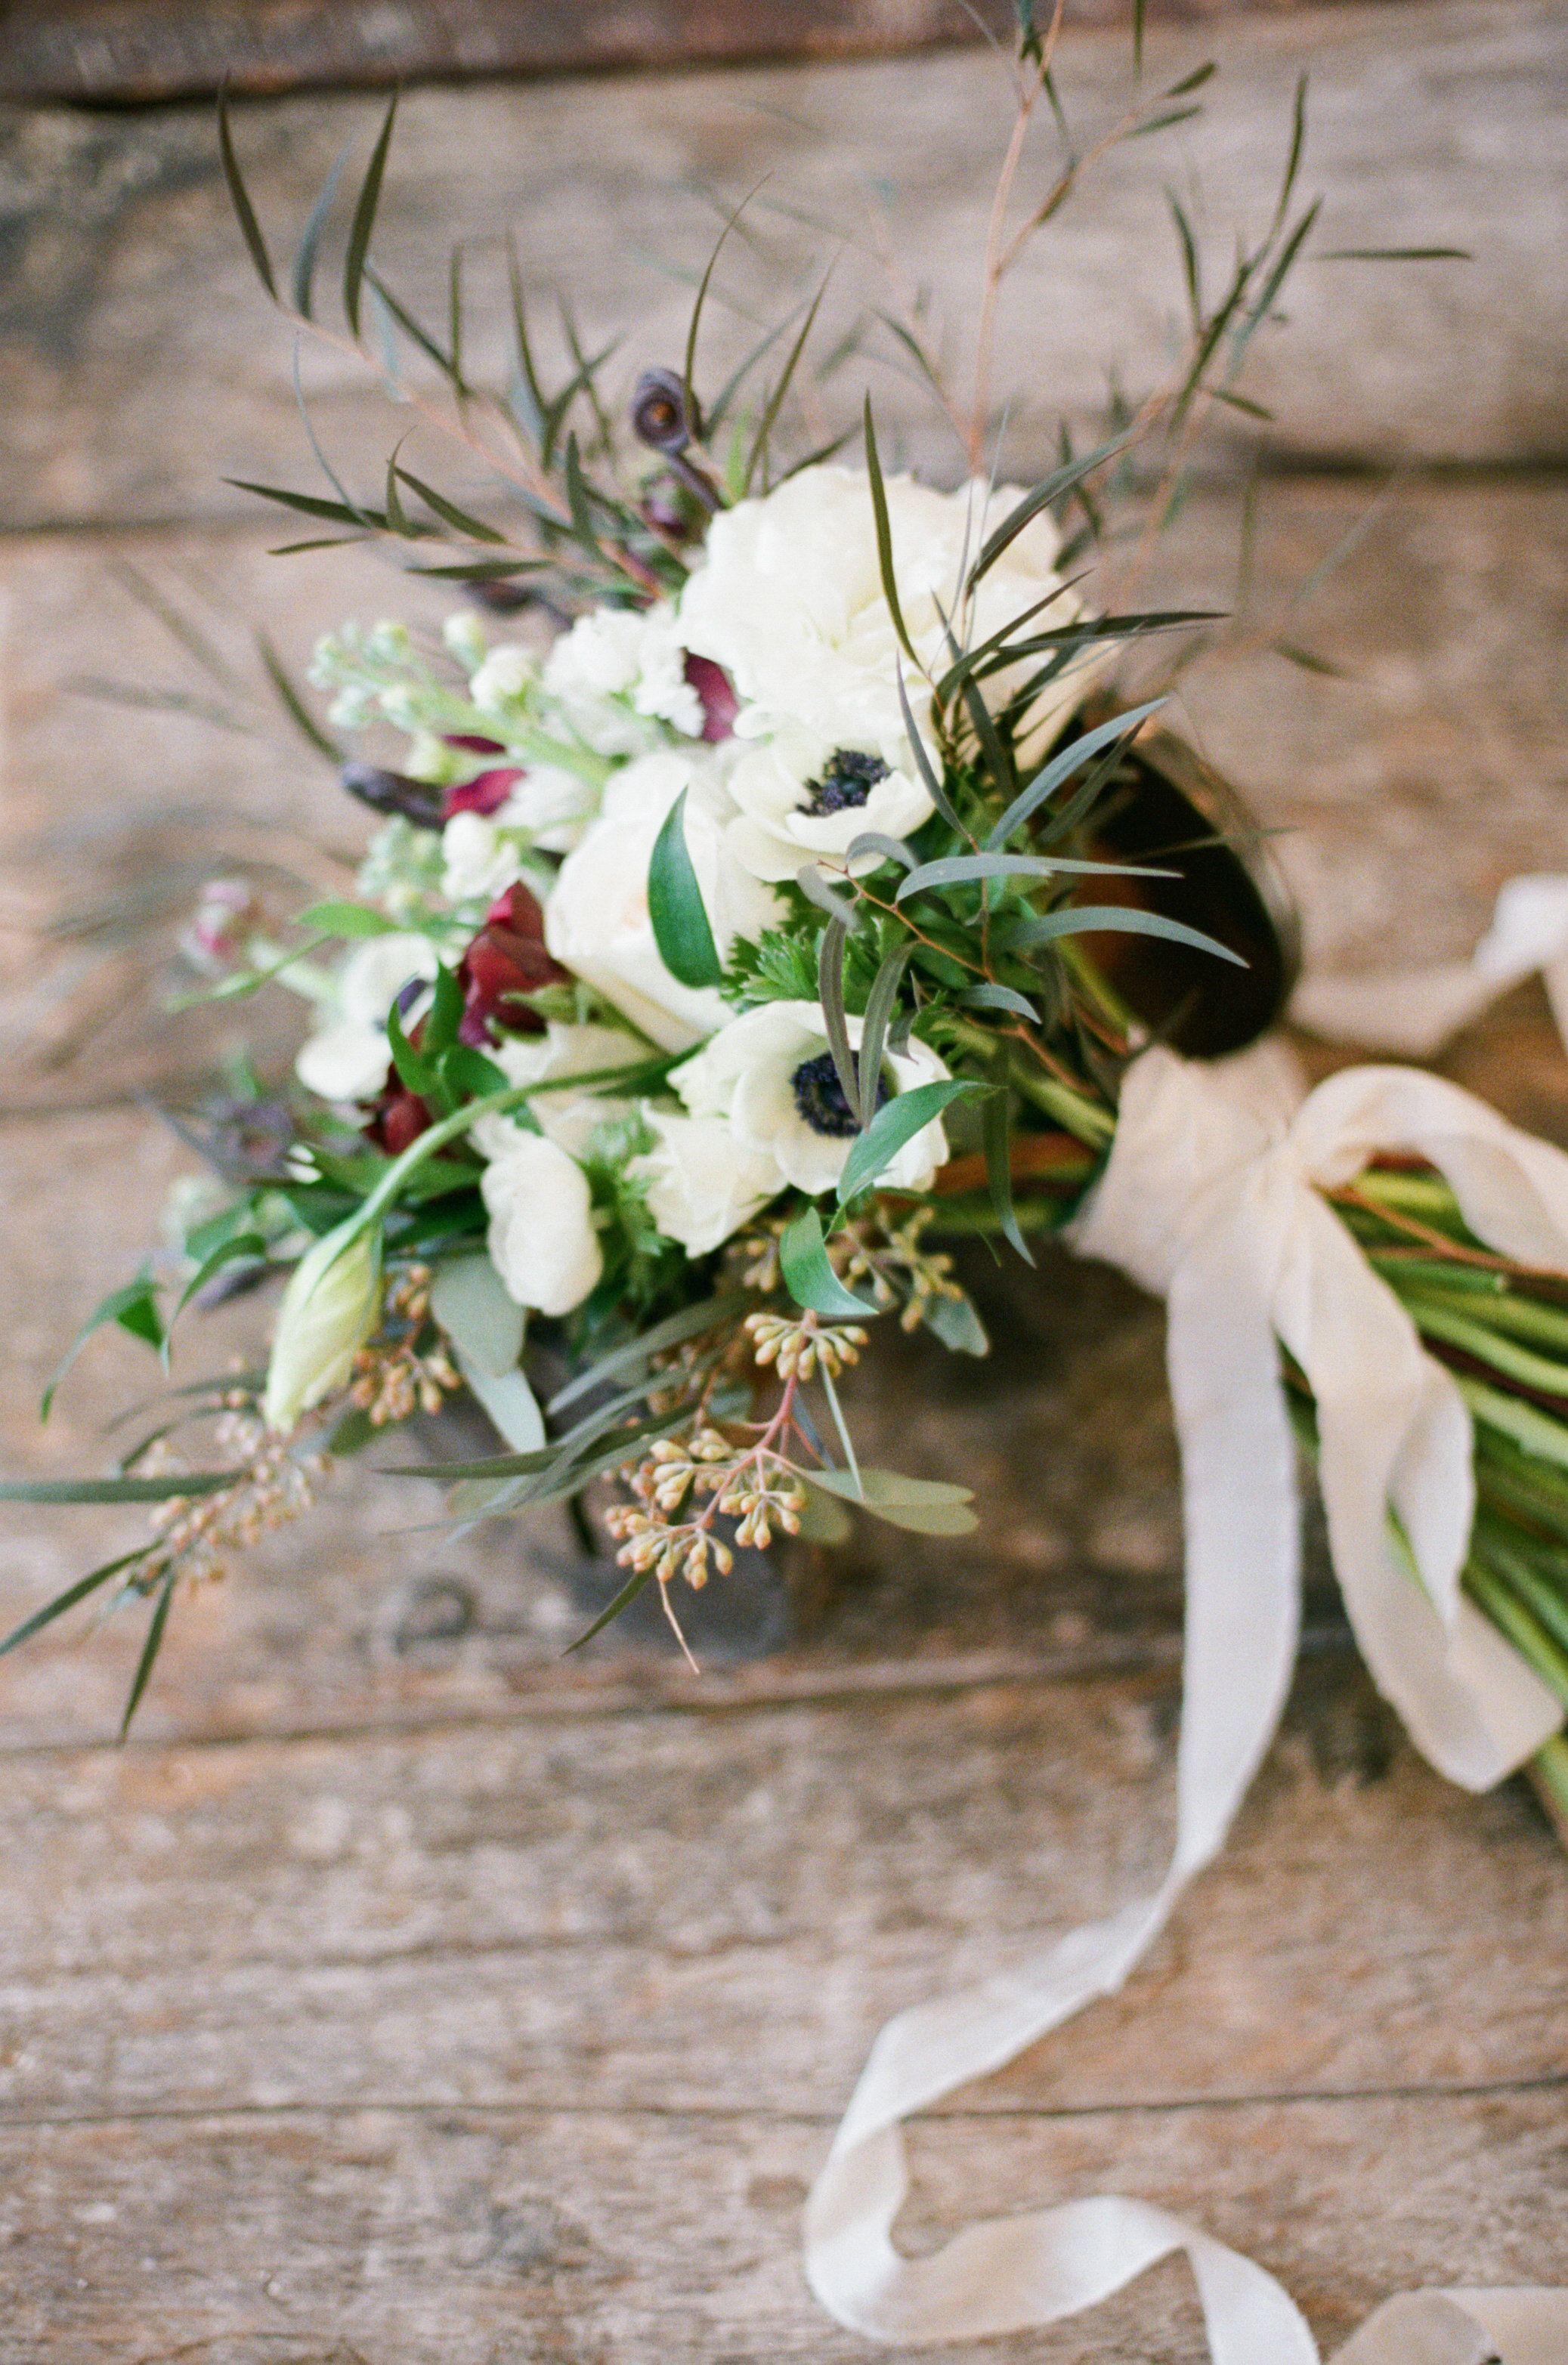 Anatomy Of A Bridal Bouquet Wiup Bridal Bouquet Diy Wedding Flowers Flower Bouquet Wedding